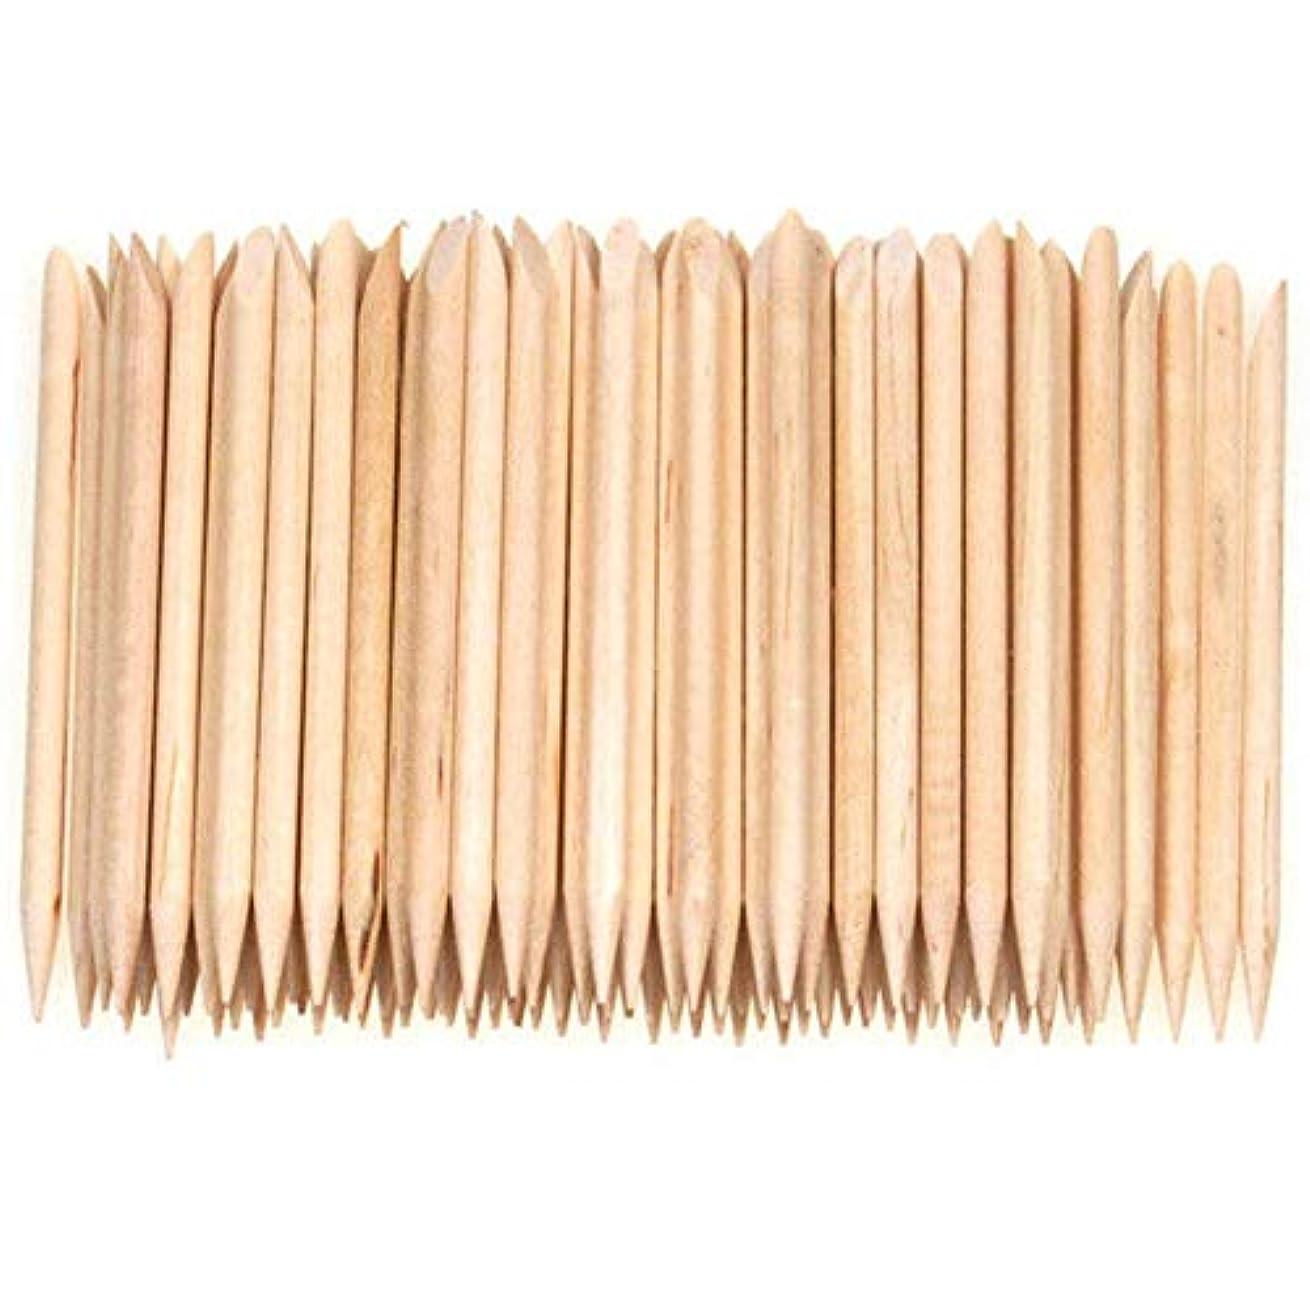 RETYLY 100個ネイルアートデザイン木製の棒キューティクルプッシャーリムーバーマニキュアケア